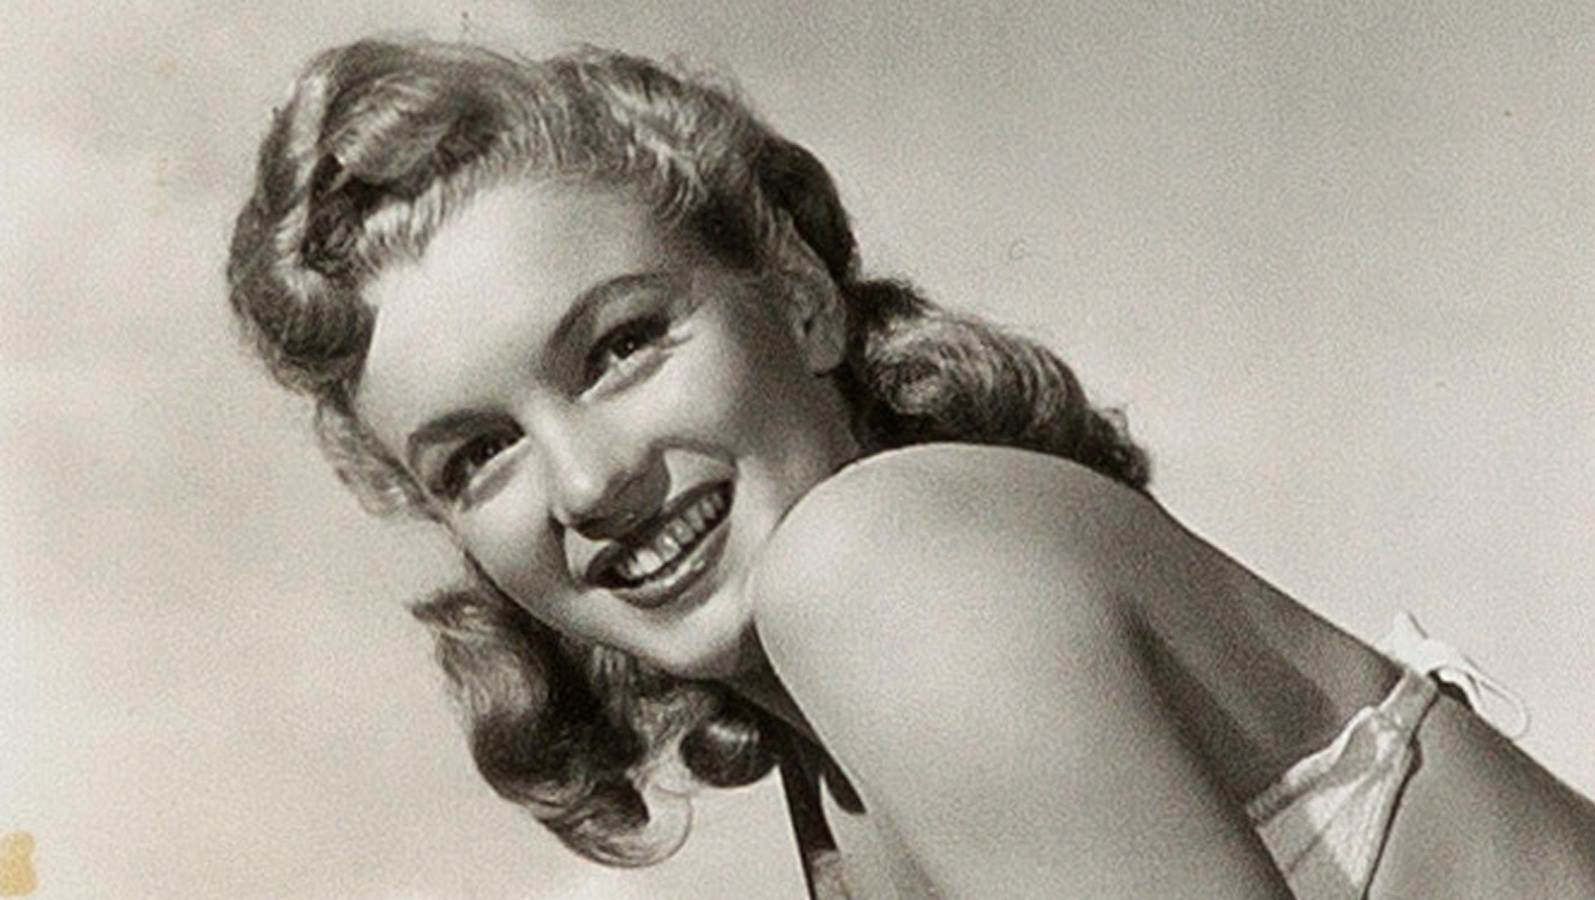 Мэрилин Монро была не единственной любовницей Кеннеди